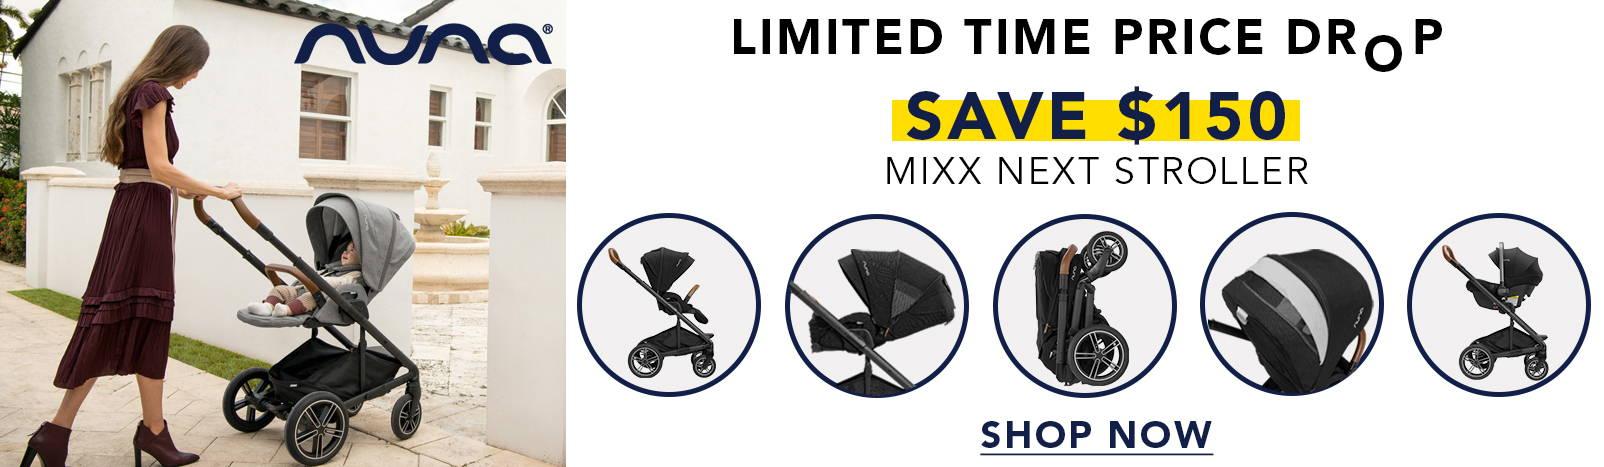 Mixx Next Promo